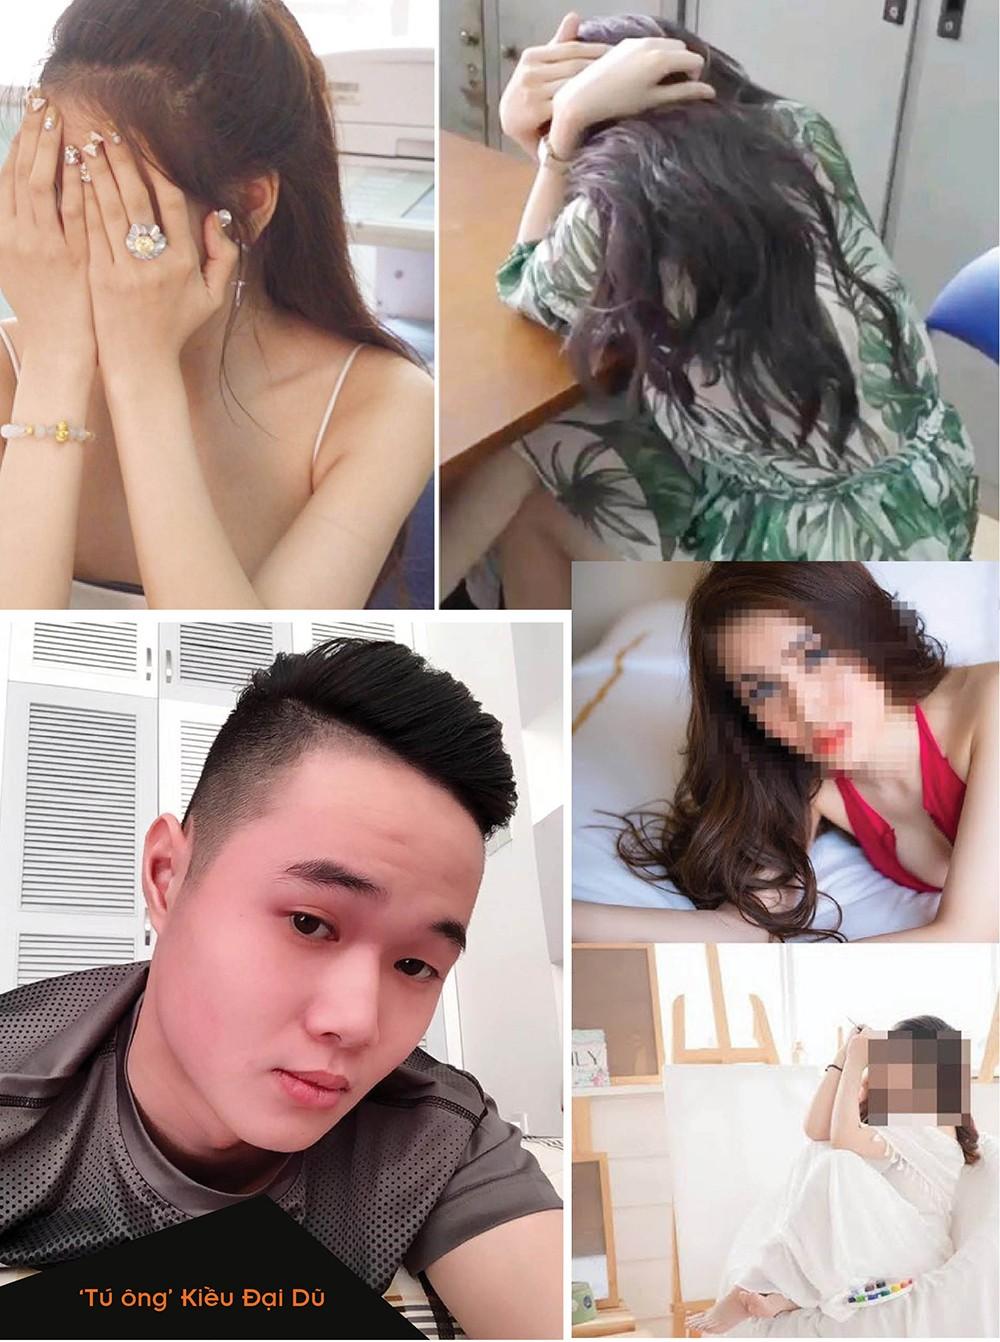 Điểm mặt những đường dây người mẫu, hoa khôi bán dâm nghìn USD ảnh 4